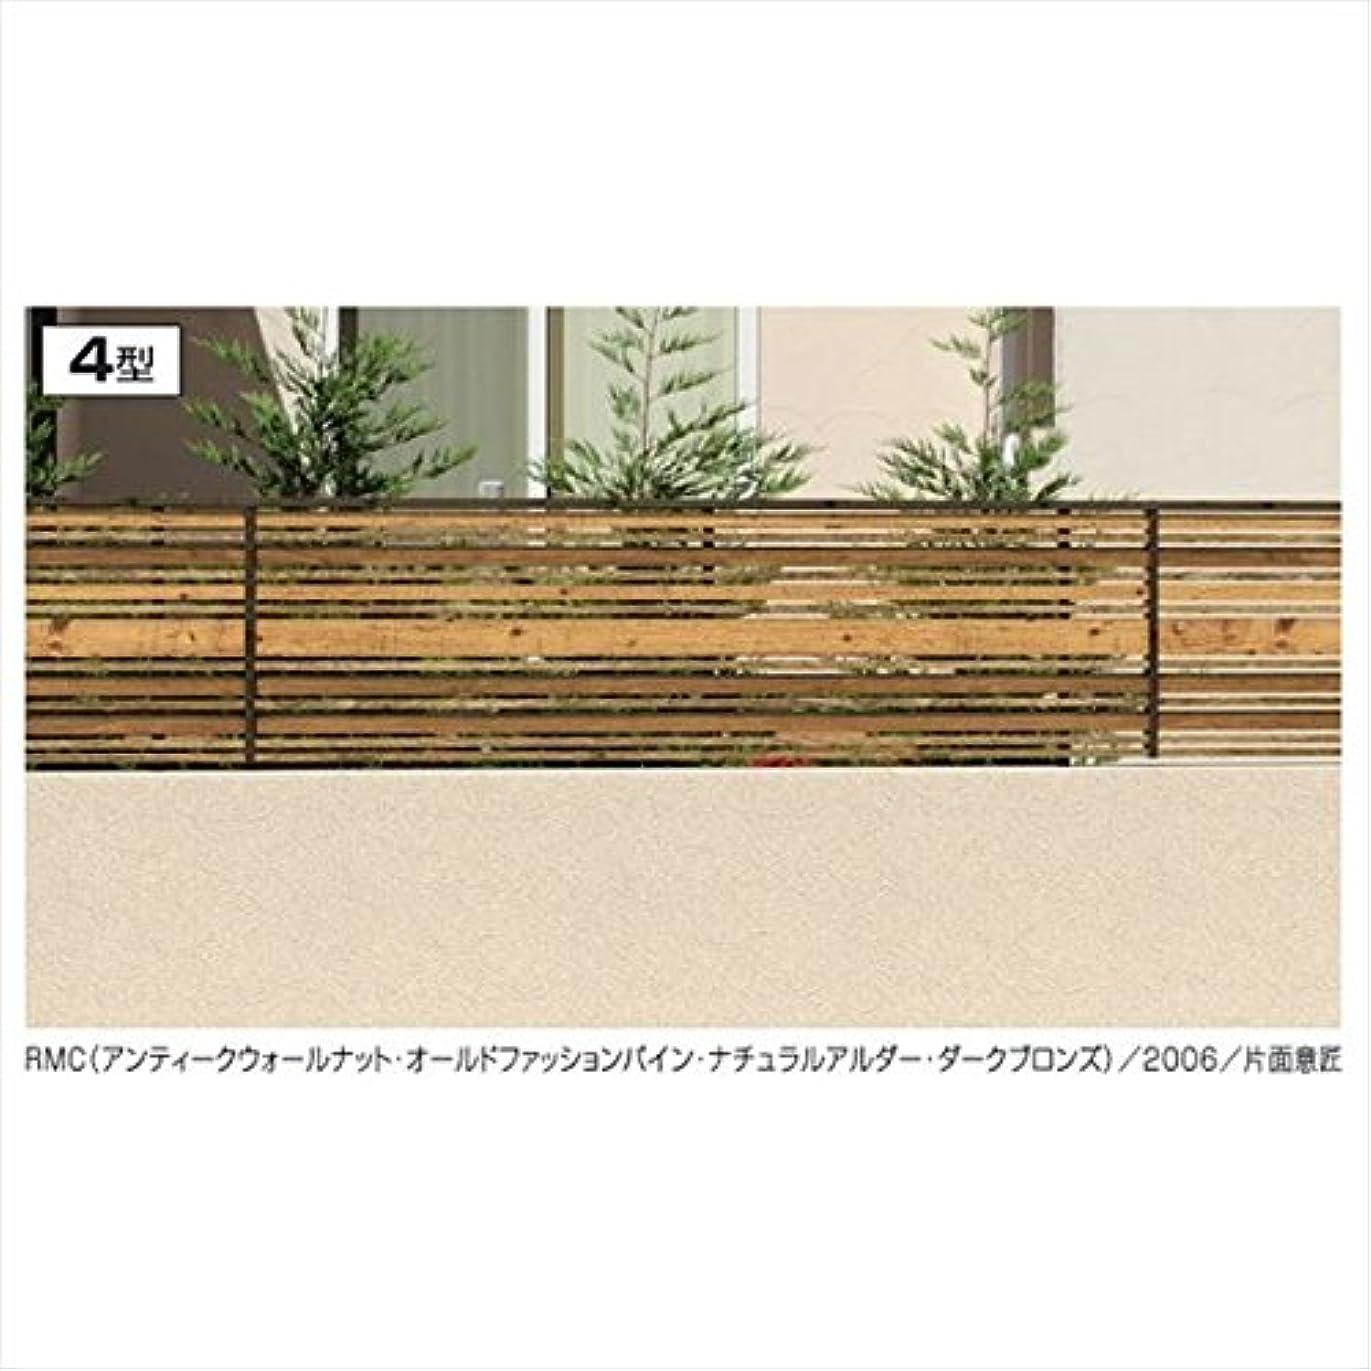 三協アルミ 形材フェンス フィオーレ4型 木調色(RMC) 本体パネル W12-H04 両面意匠 木調色(RMC) TPC(トラッドパイン/ダークブロンズ)